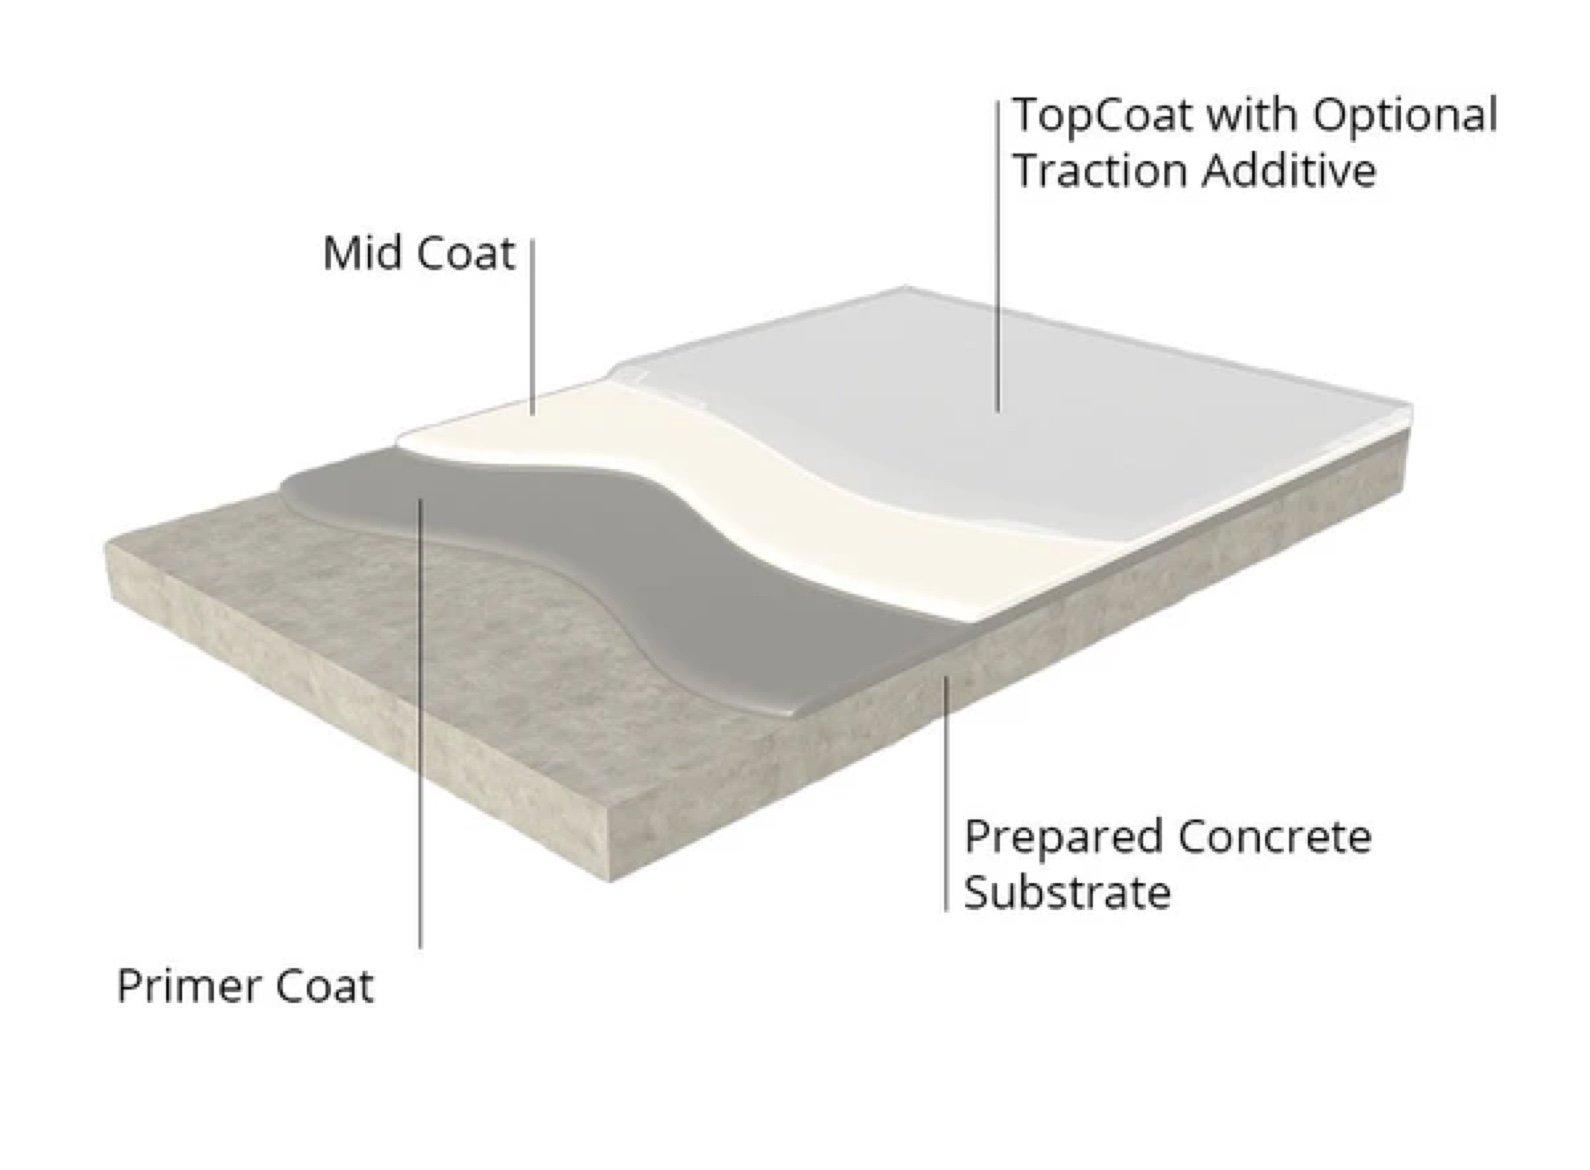 moisture mitigation system